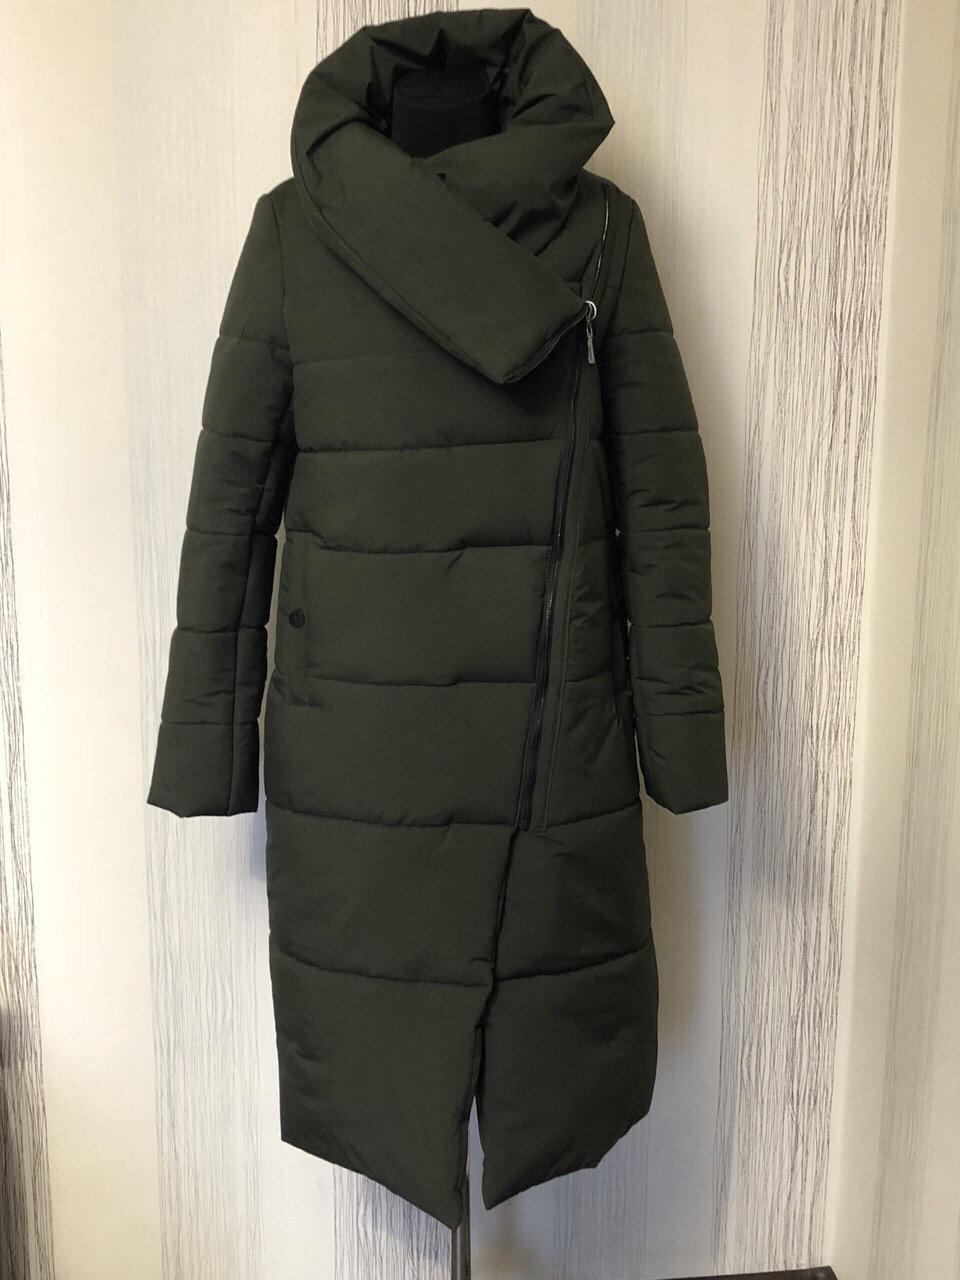 Зимний женский пуховик - одеяло